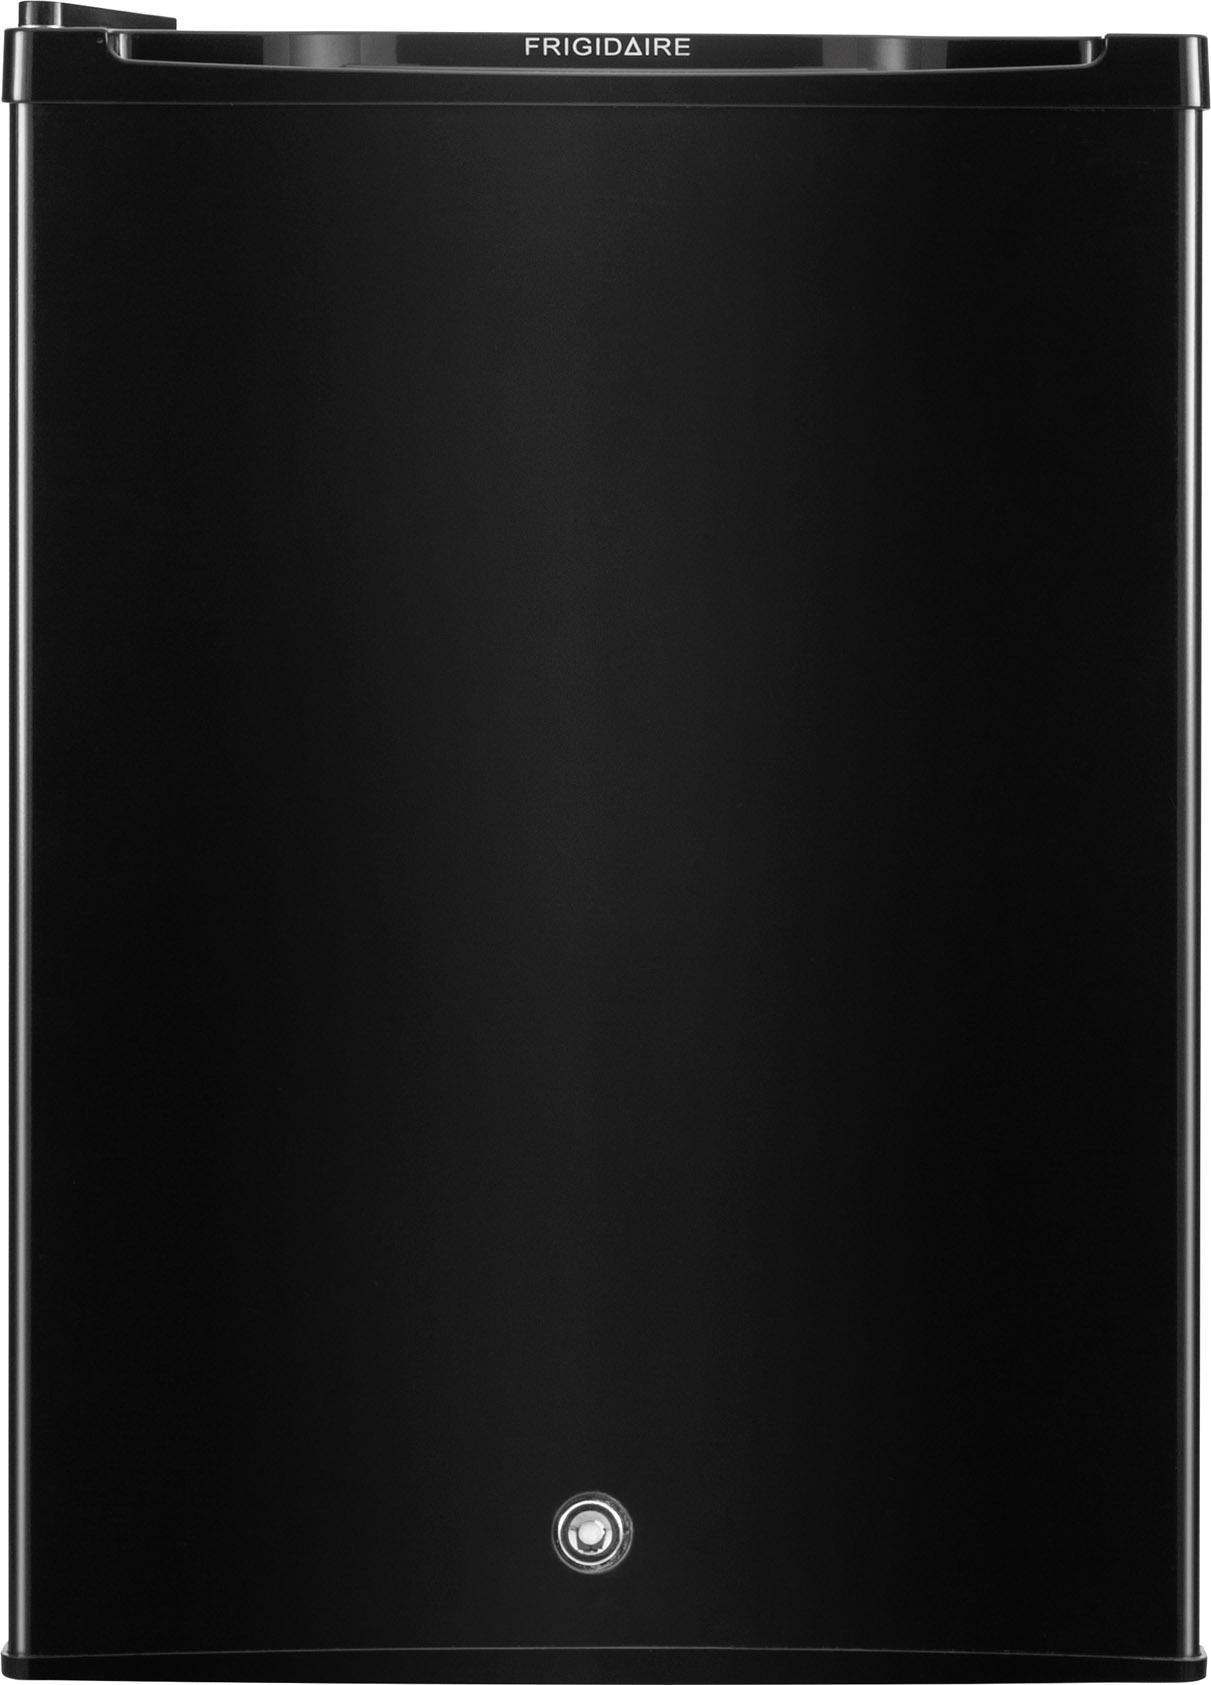 Frigidaire Compact Refrigerator 2.5 Cu. Ft. Compact Refrigerator - Item Number: FFPE2411QB